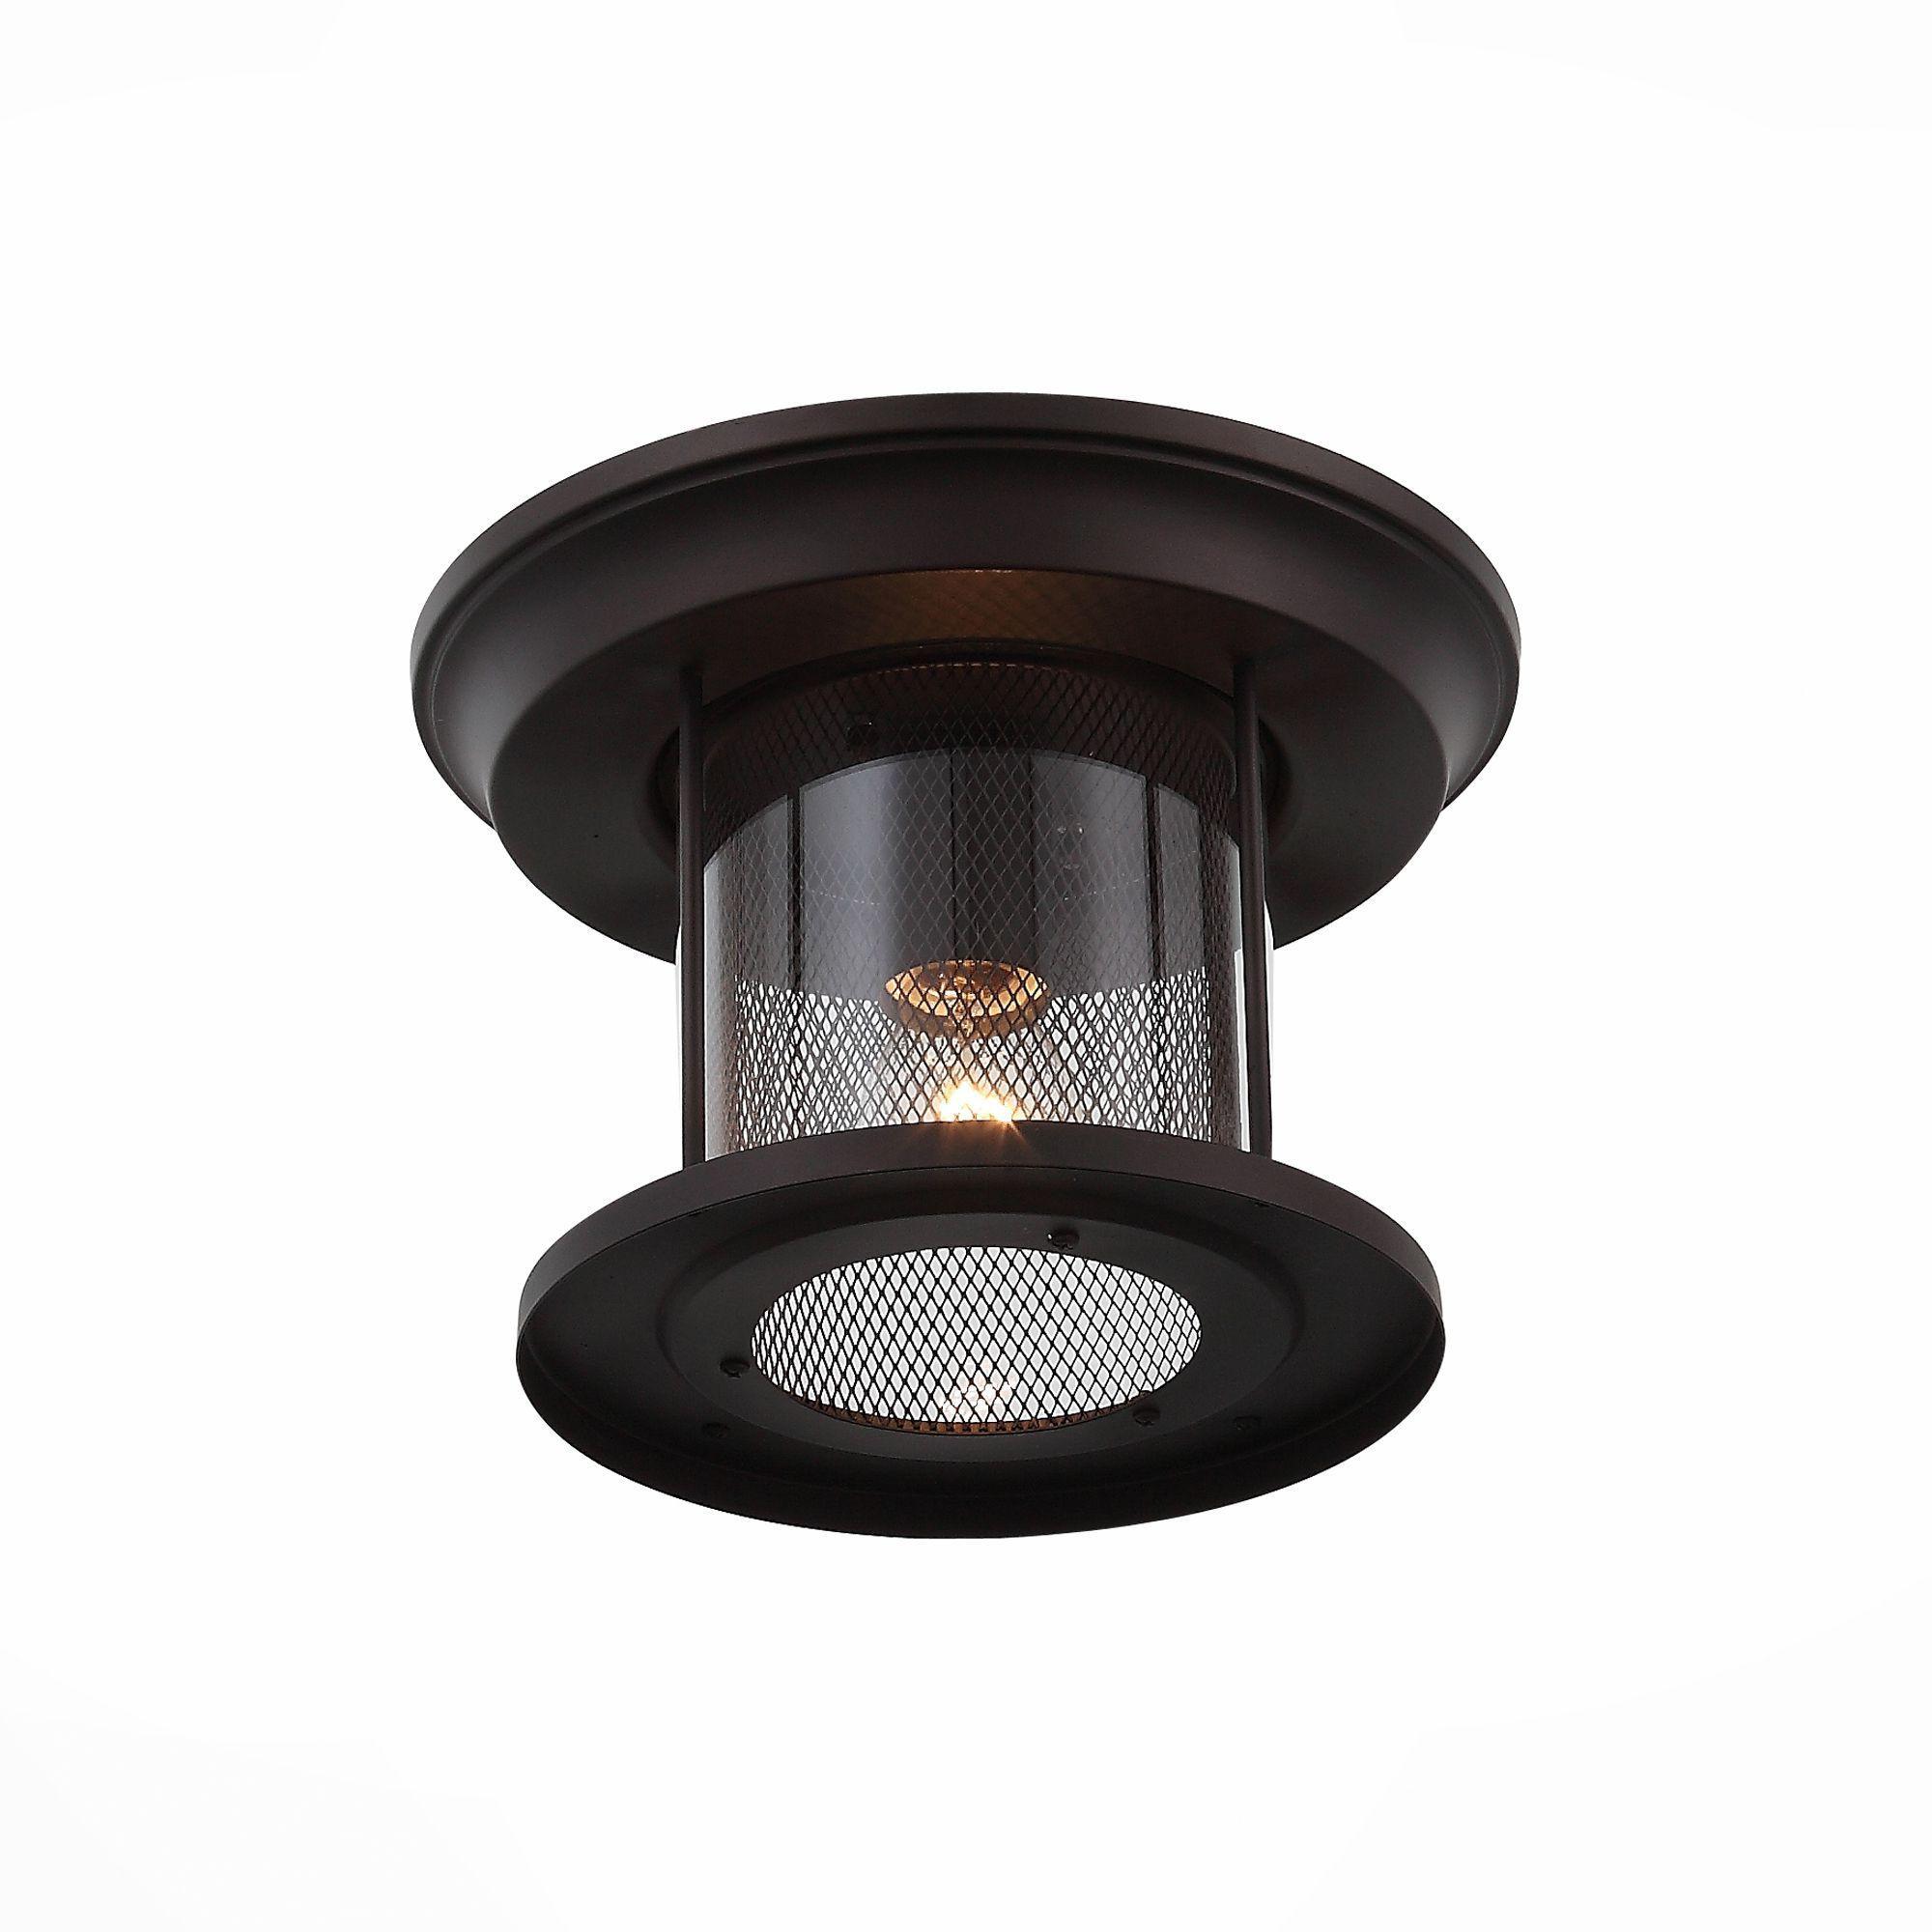 Светильник уличный потолочный ST-Luce Темный кофе/Прозрачный, Темный кофе E27 1*60W SL080.402.01